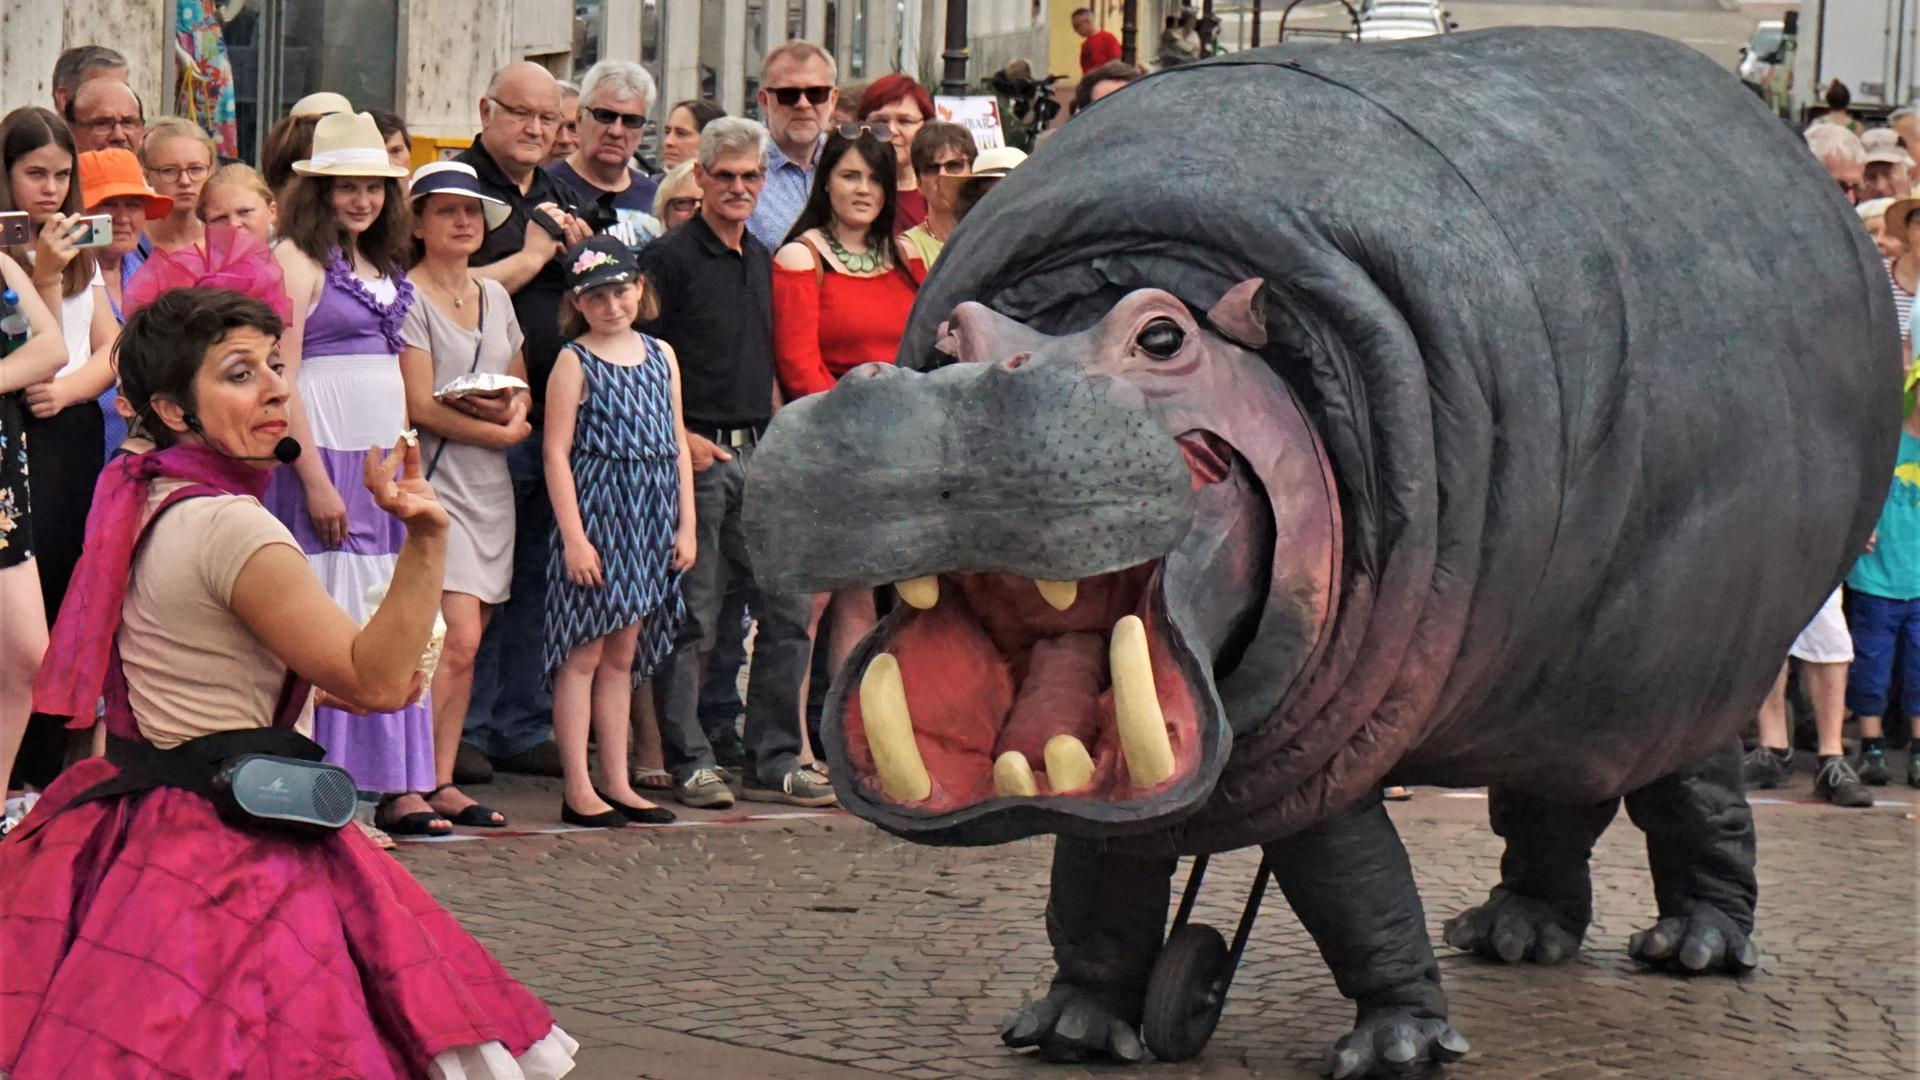 Eine Menschenmenge beobachtet ein künstliches Nilpferd.